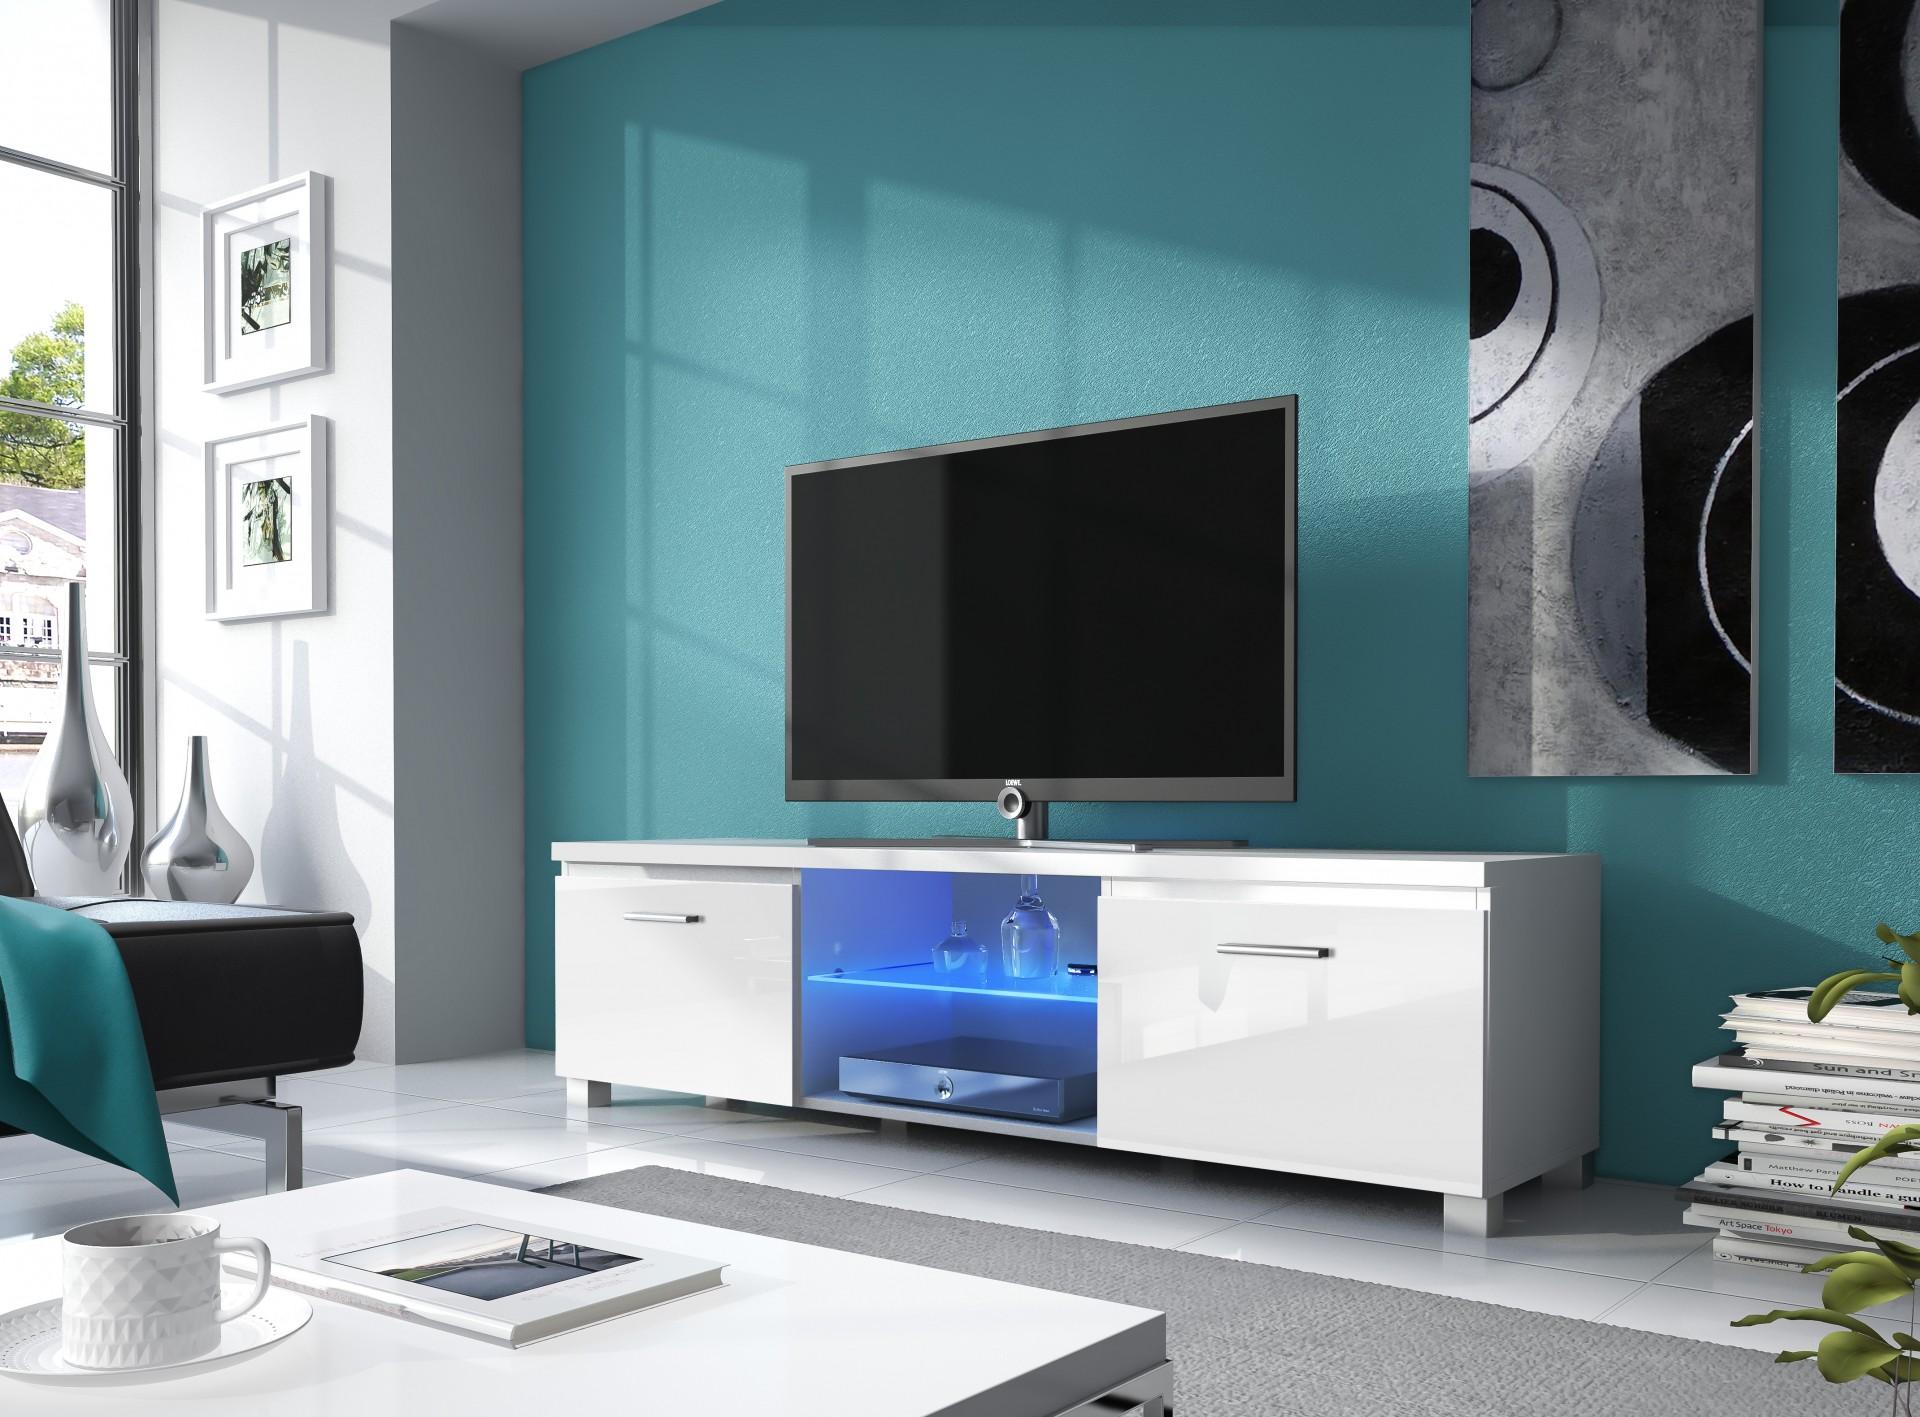 Móvel de Tv com luz led - disponível em 2 cores